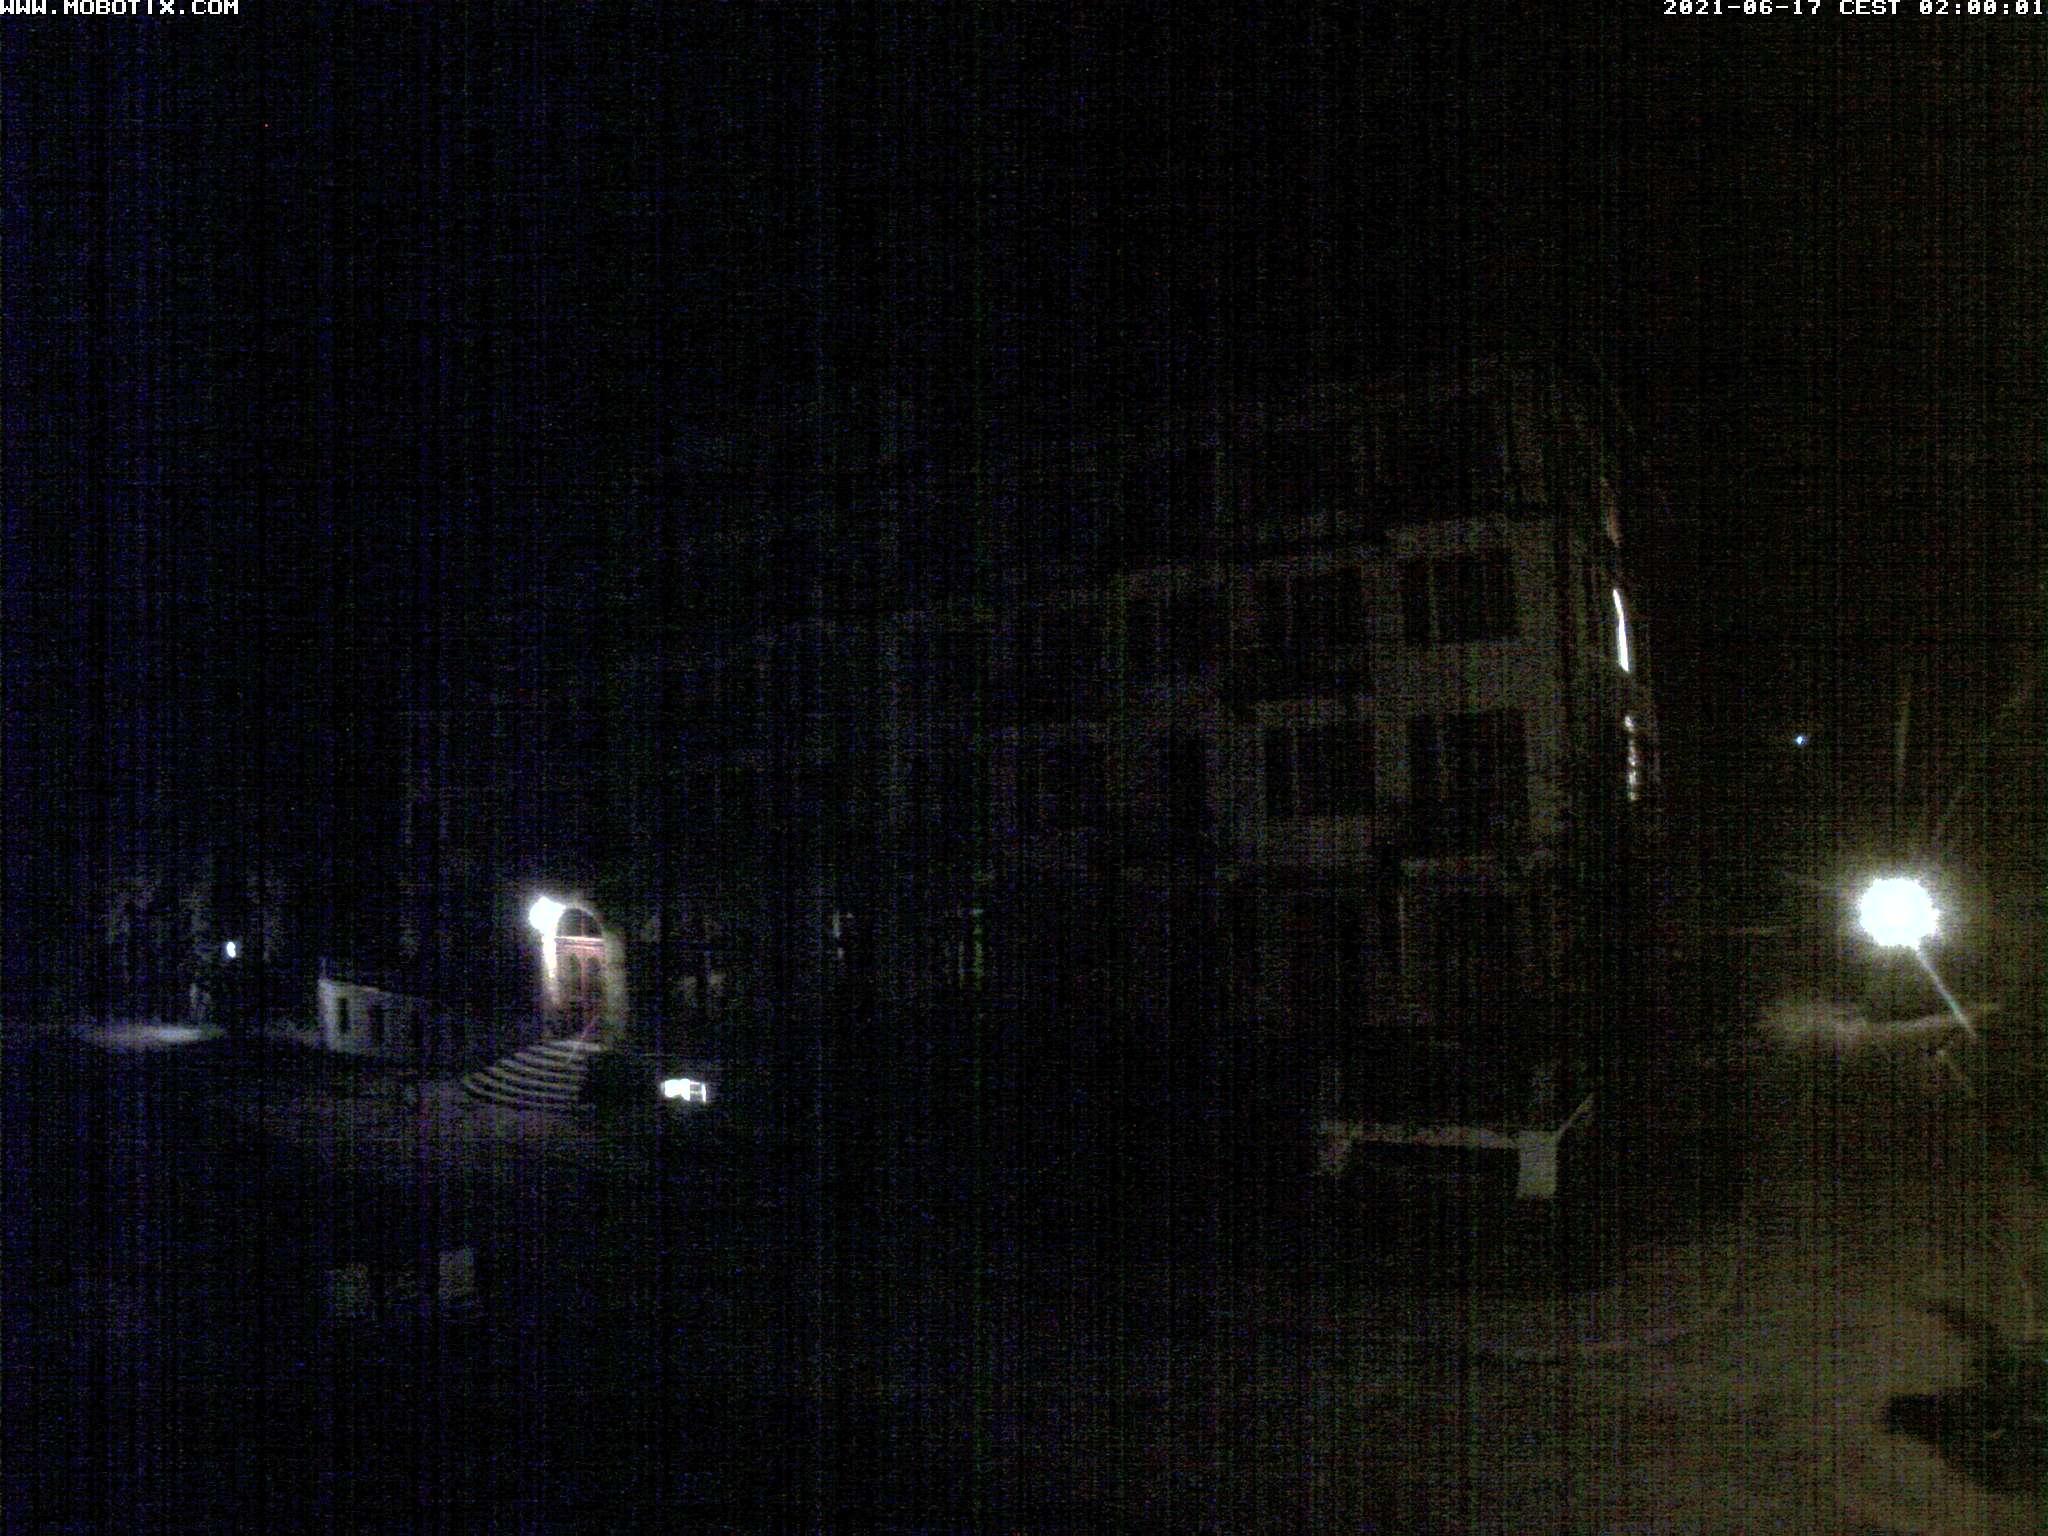 5h ago - 02:00